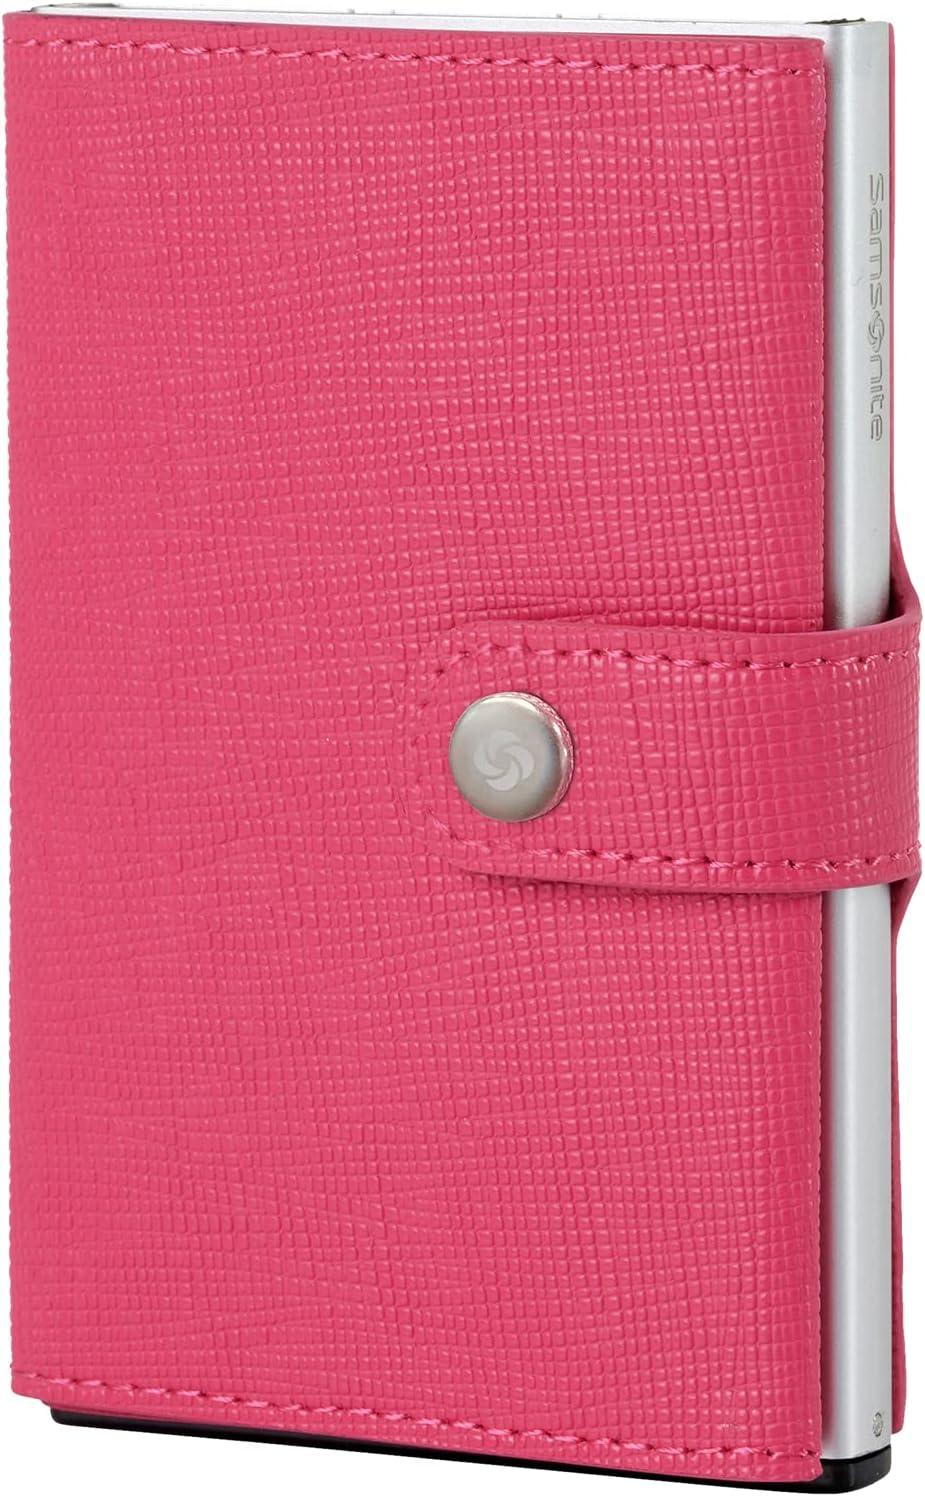 Cartera Samsonite   Piel Premium ALU FITl   Slide-UP Case   Protector RFID Y NFC (Rosa Fucsia)